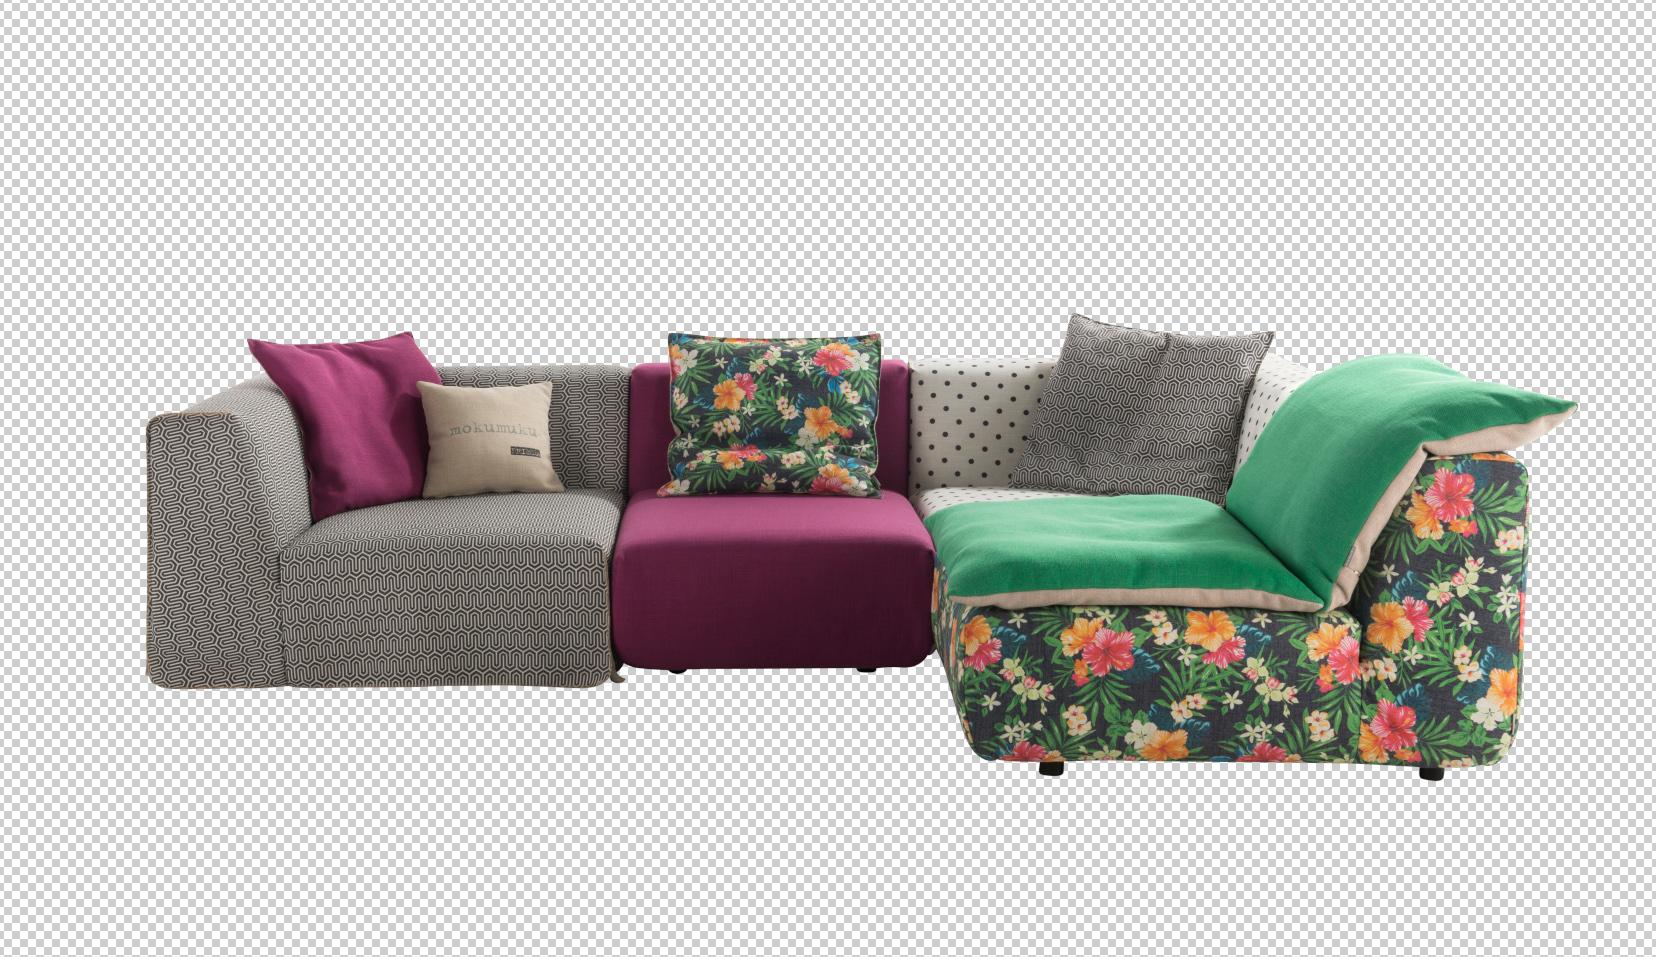 hintergrund-von-sofas-freistellen